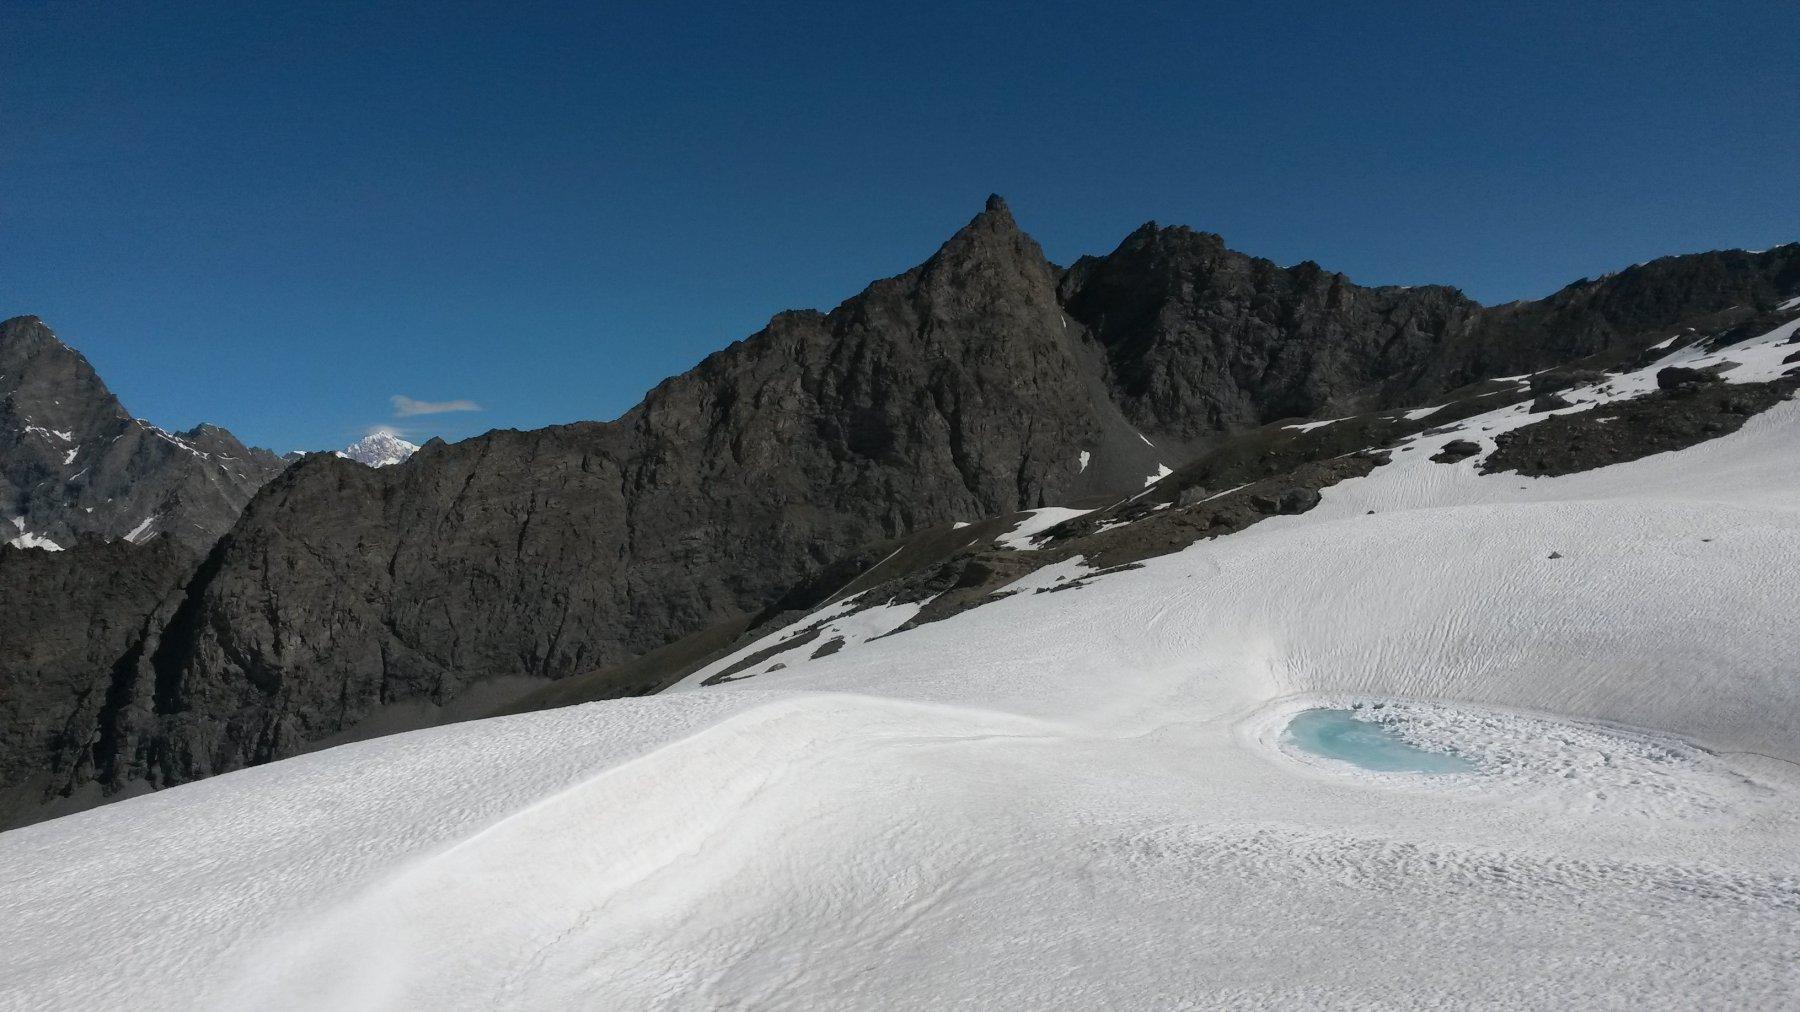 Primo laghetto di fusione con il Monte Bianco che spunta fra le rocce